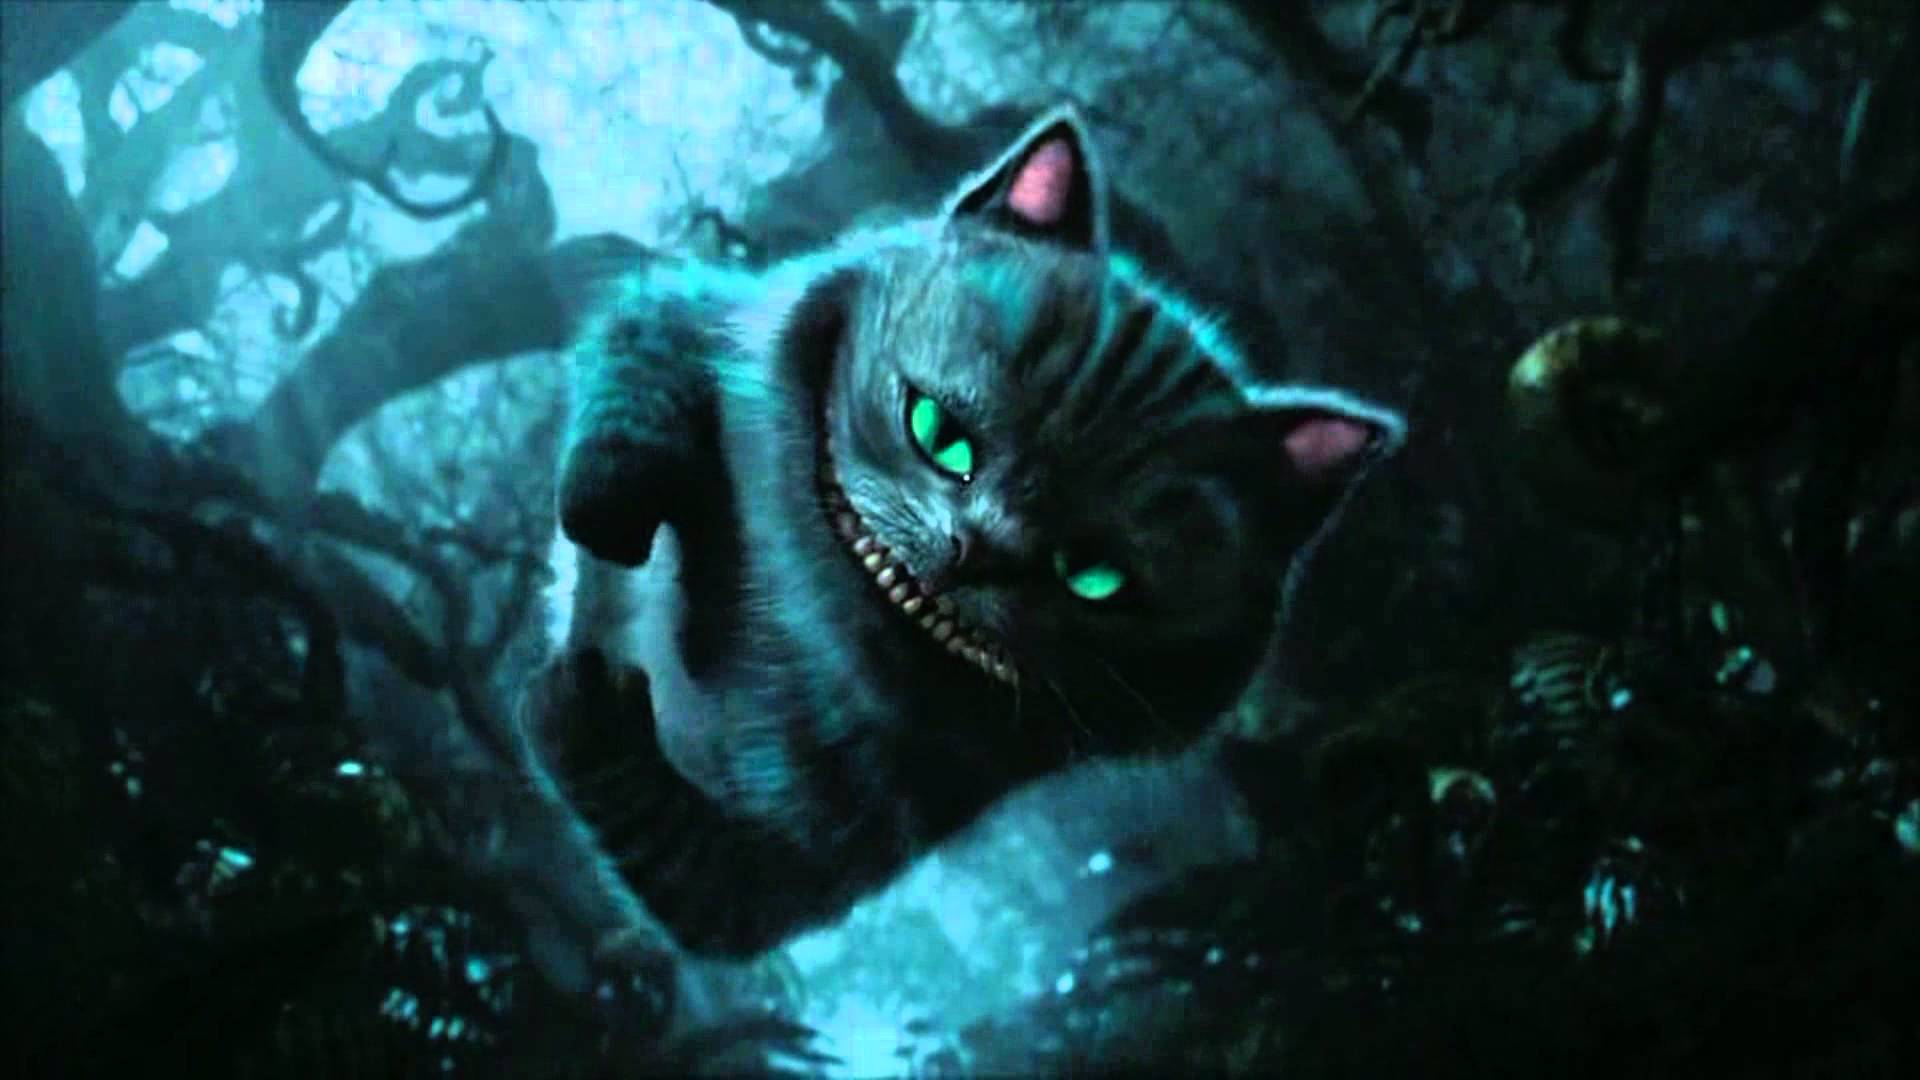 Чеширский кот картинки в хорошем качестве